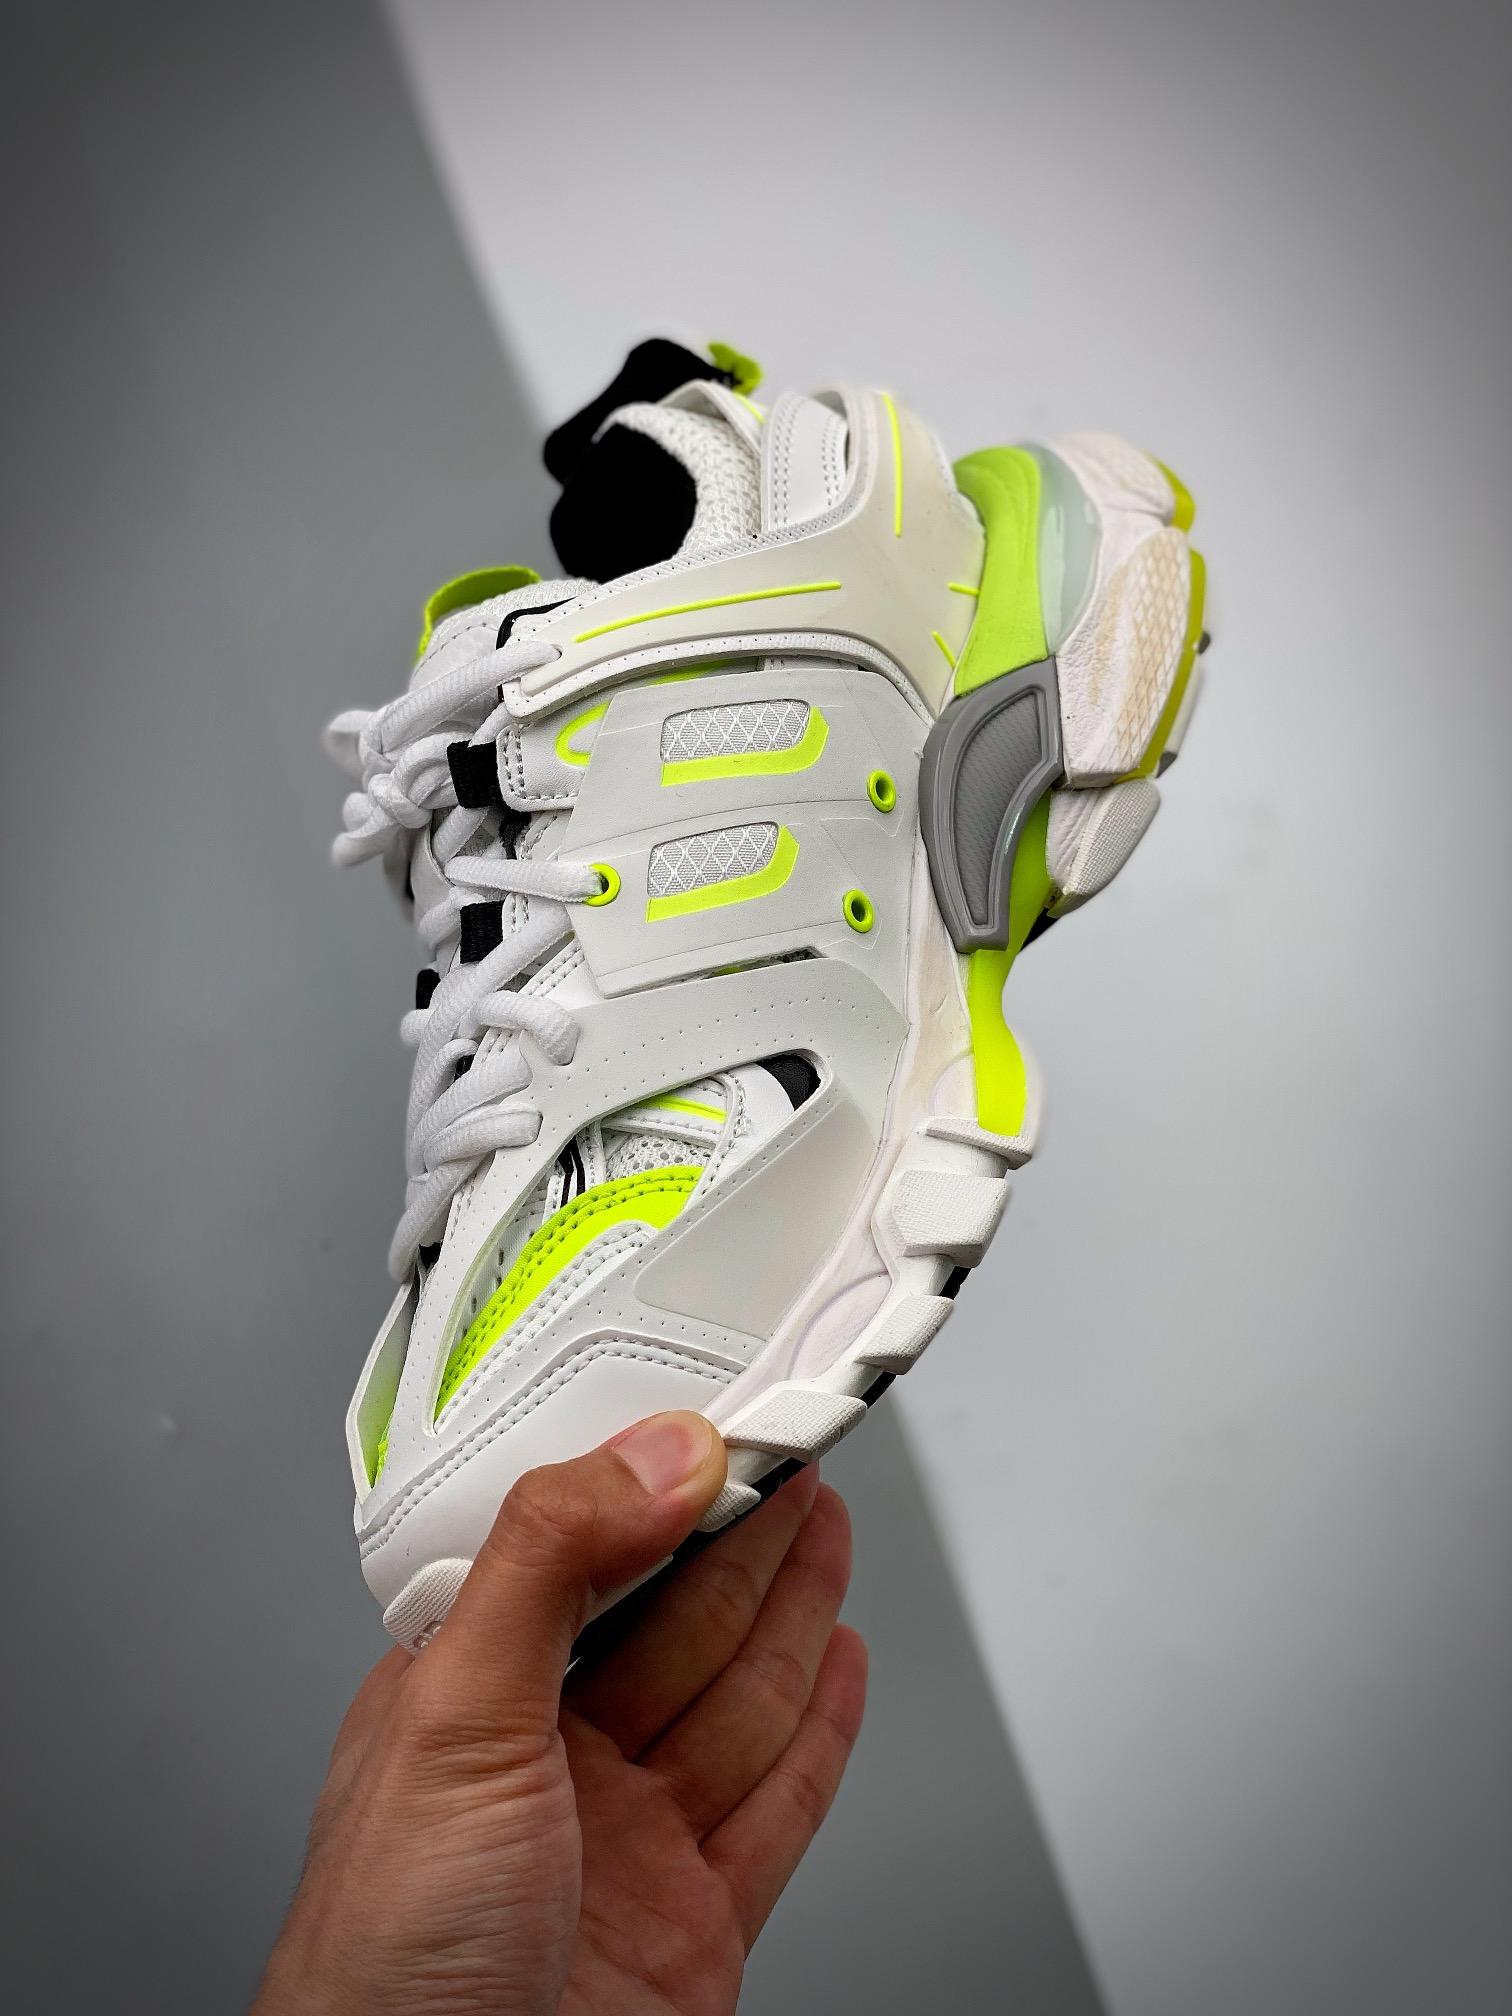 巴黎世家3.0 三代户外概念鞋  Balenciaga Sneaker Tess 3.0(无灯版)_莆田y3评测